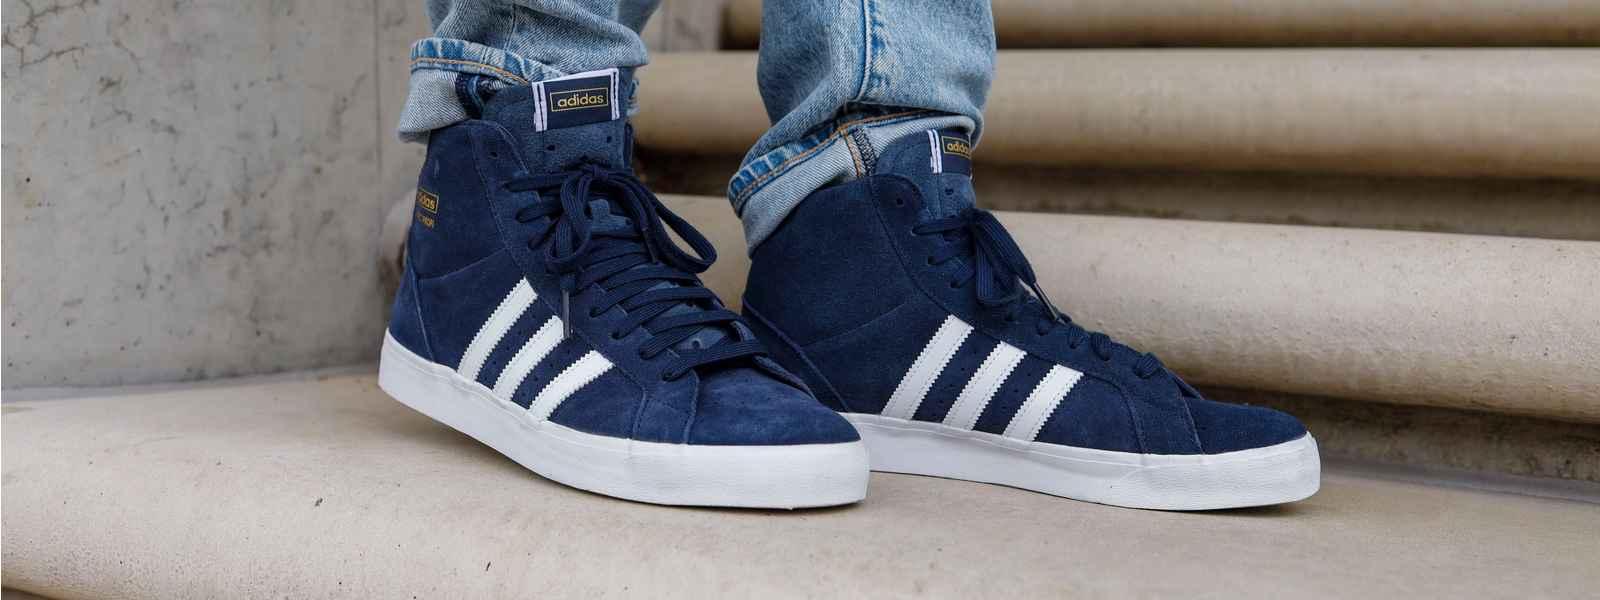 Herren-High-Top-Sneaker